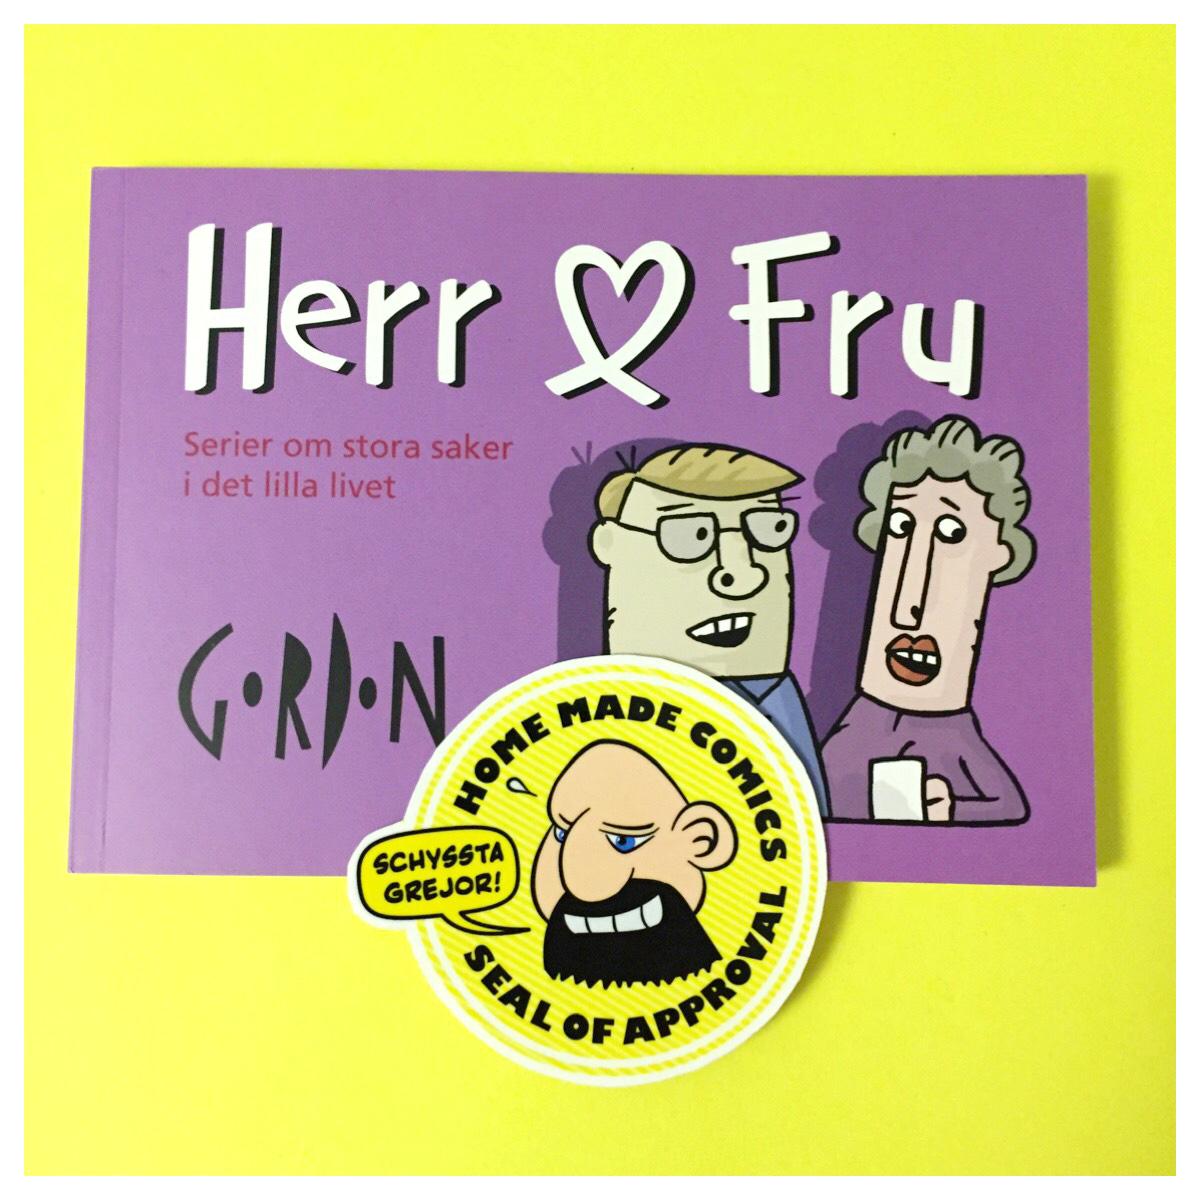 Home Made Comics Seal of Approval #144. Herr & Fru av Mattias Gordon utgiven av Pikkadåll förlag 2016.